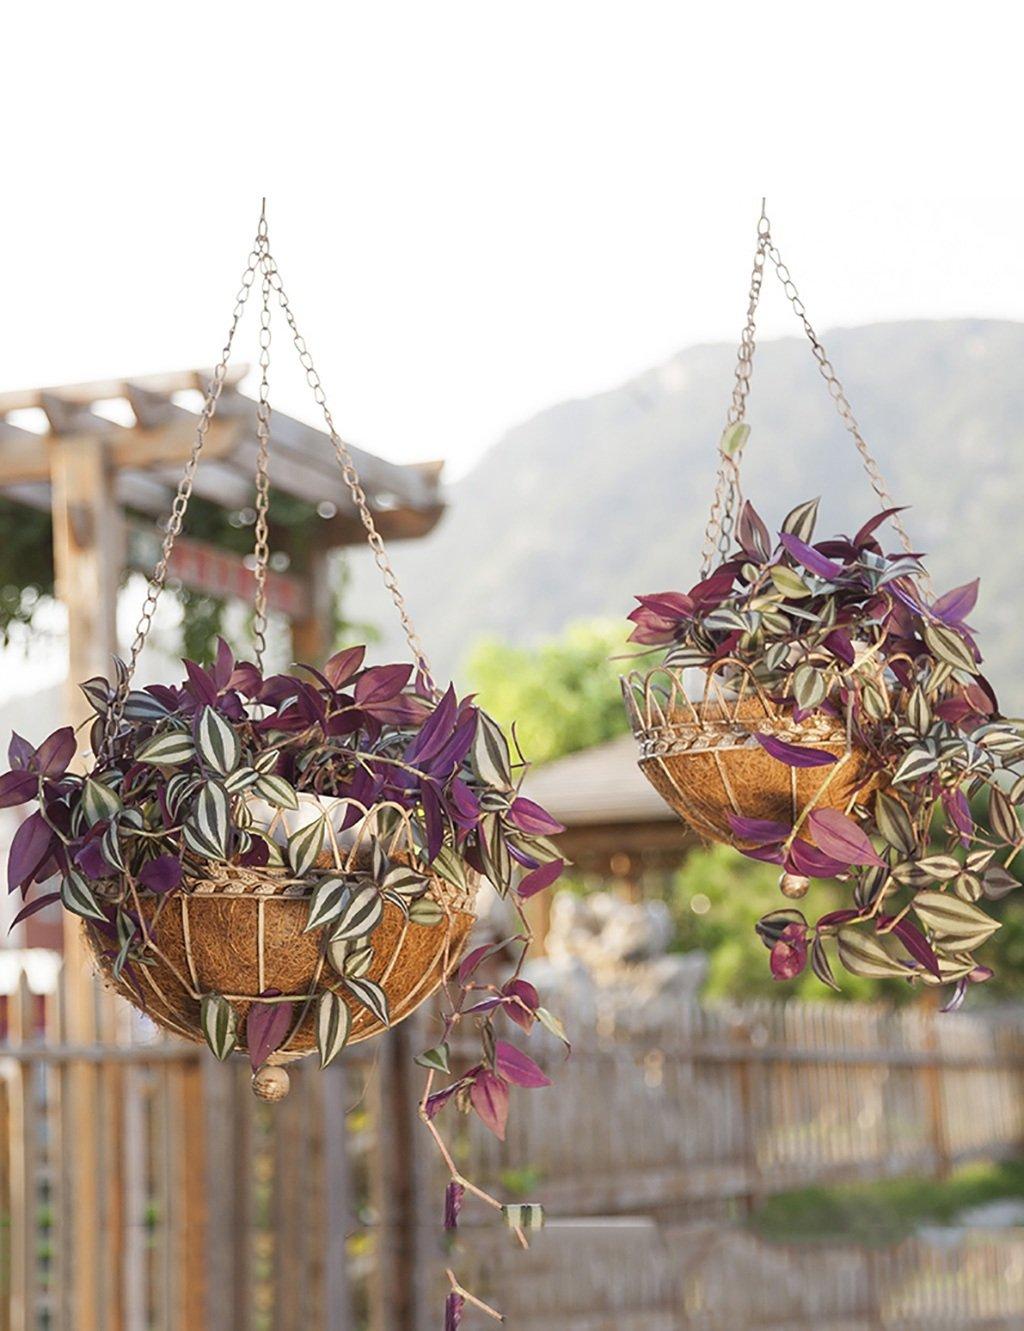 LB huajia ZHANWEI Hängende Blumentöpfe Im europäischen Stil Pastorale Gartenmauer Blumentopf Regale Eisen Wand hängenden Blumenkorb (Farbe : C)